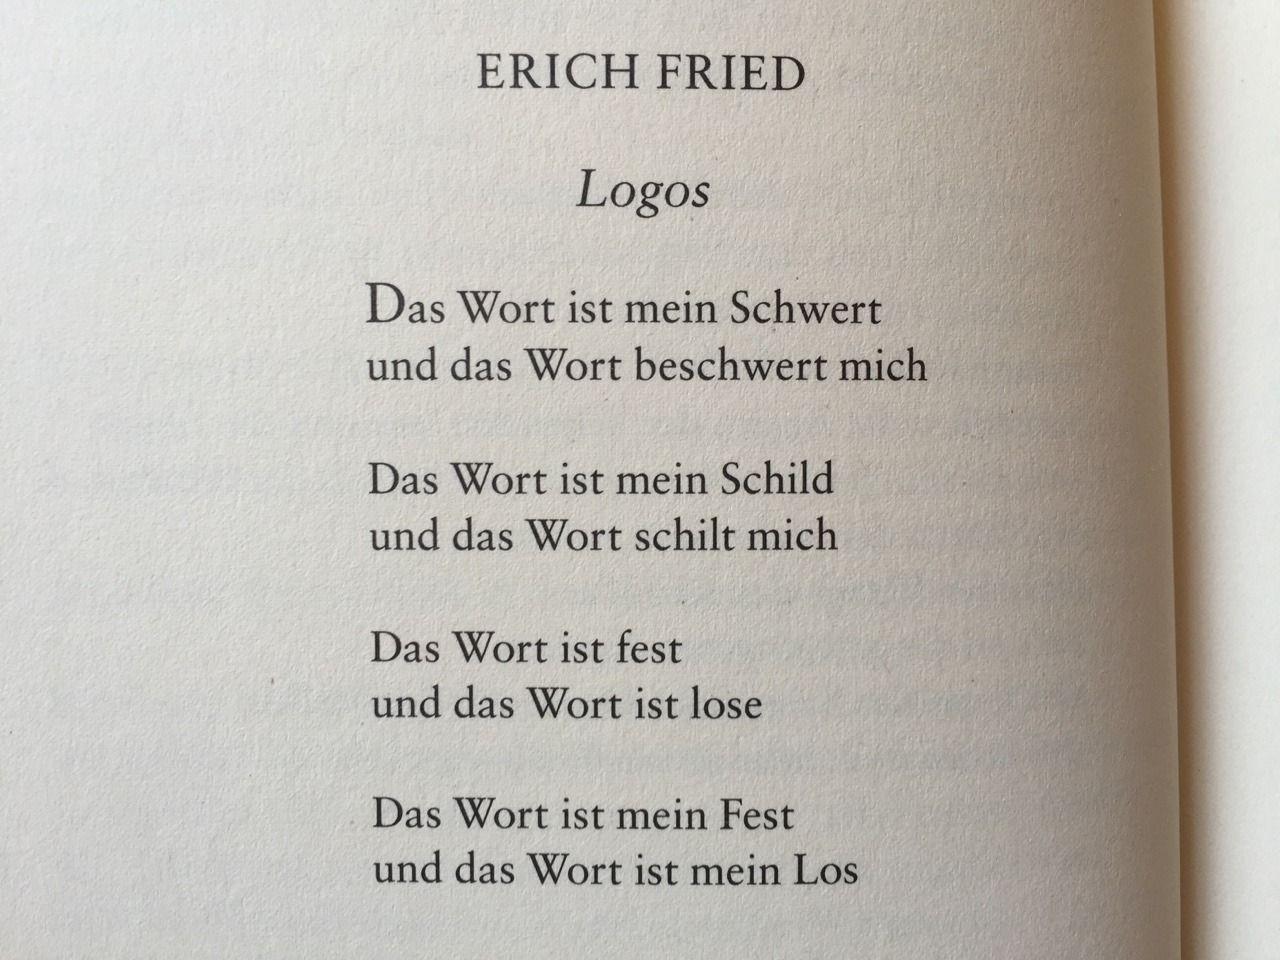 Deutsche Lyrik von damals und heute — gedichteausderwelt